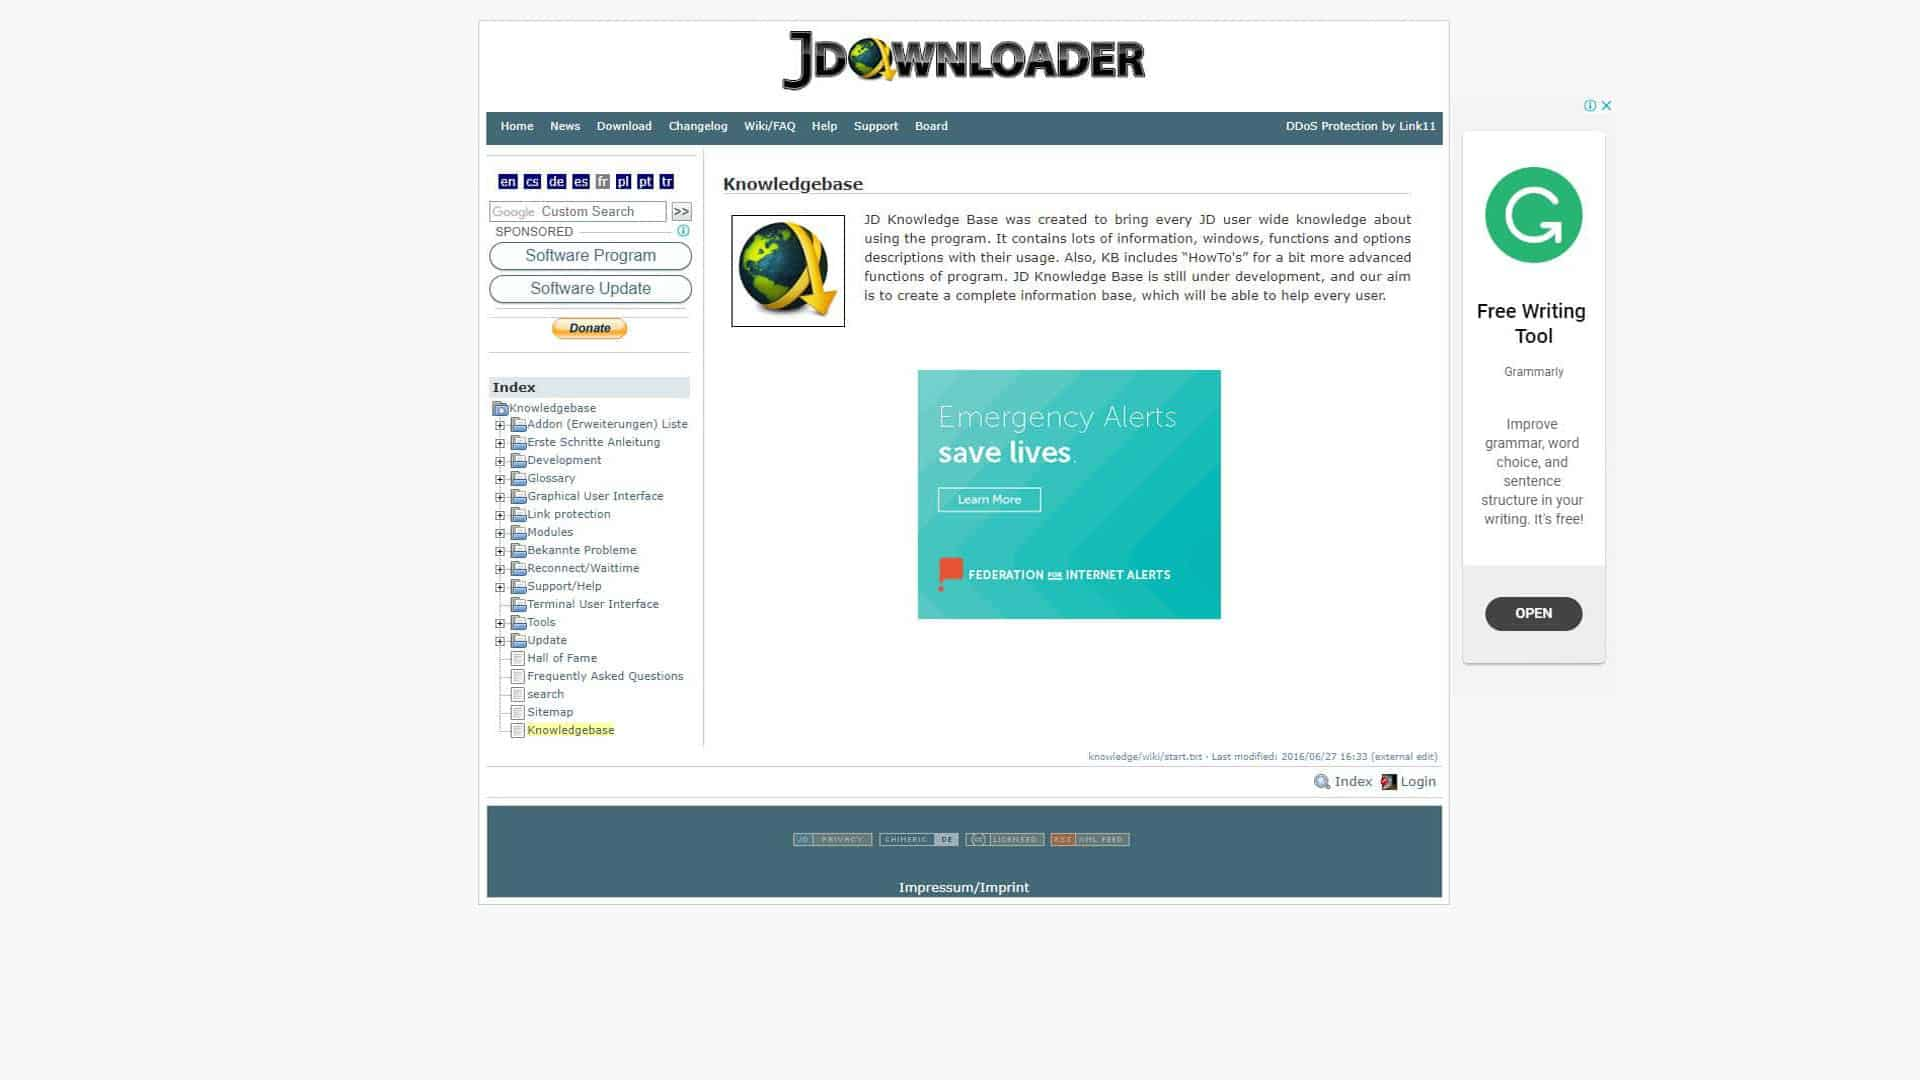 J Downloader WikiFAQ